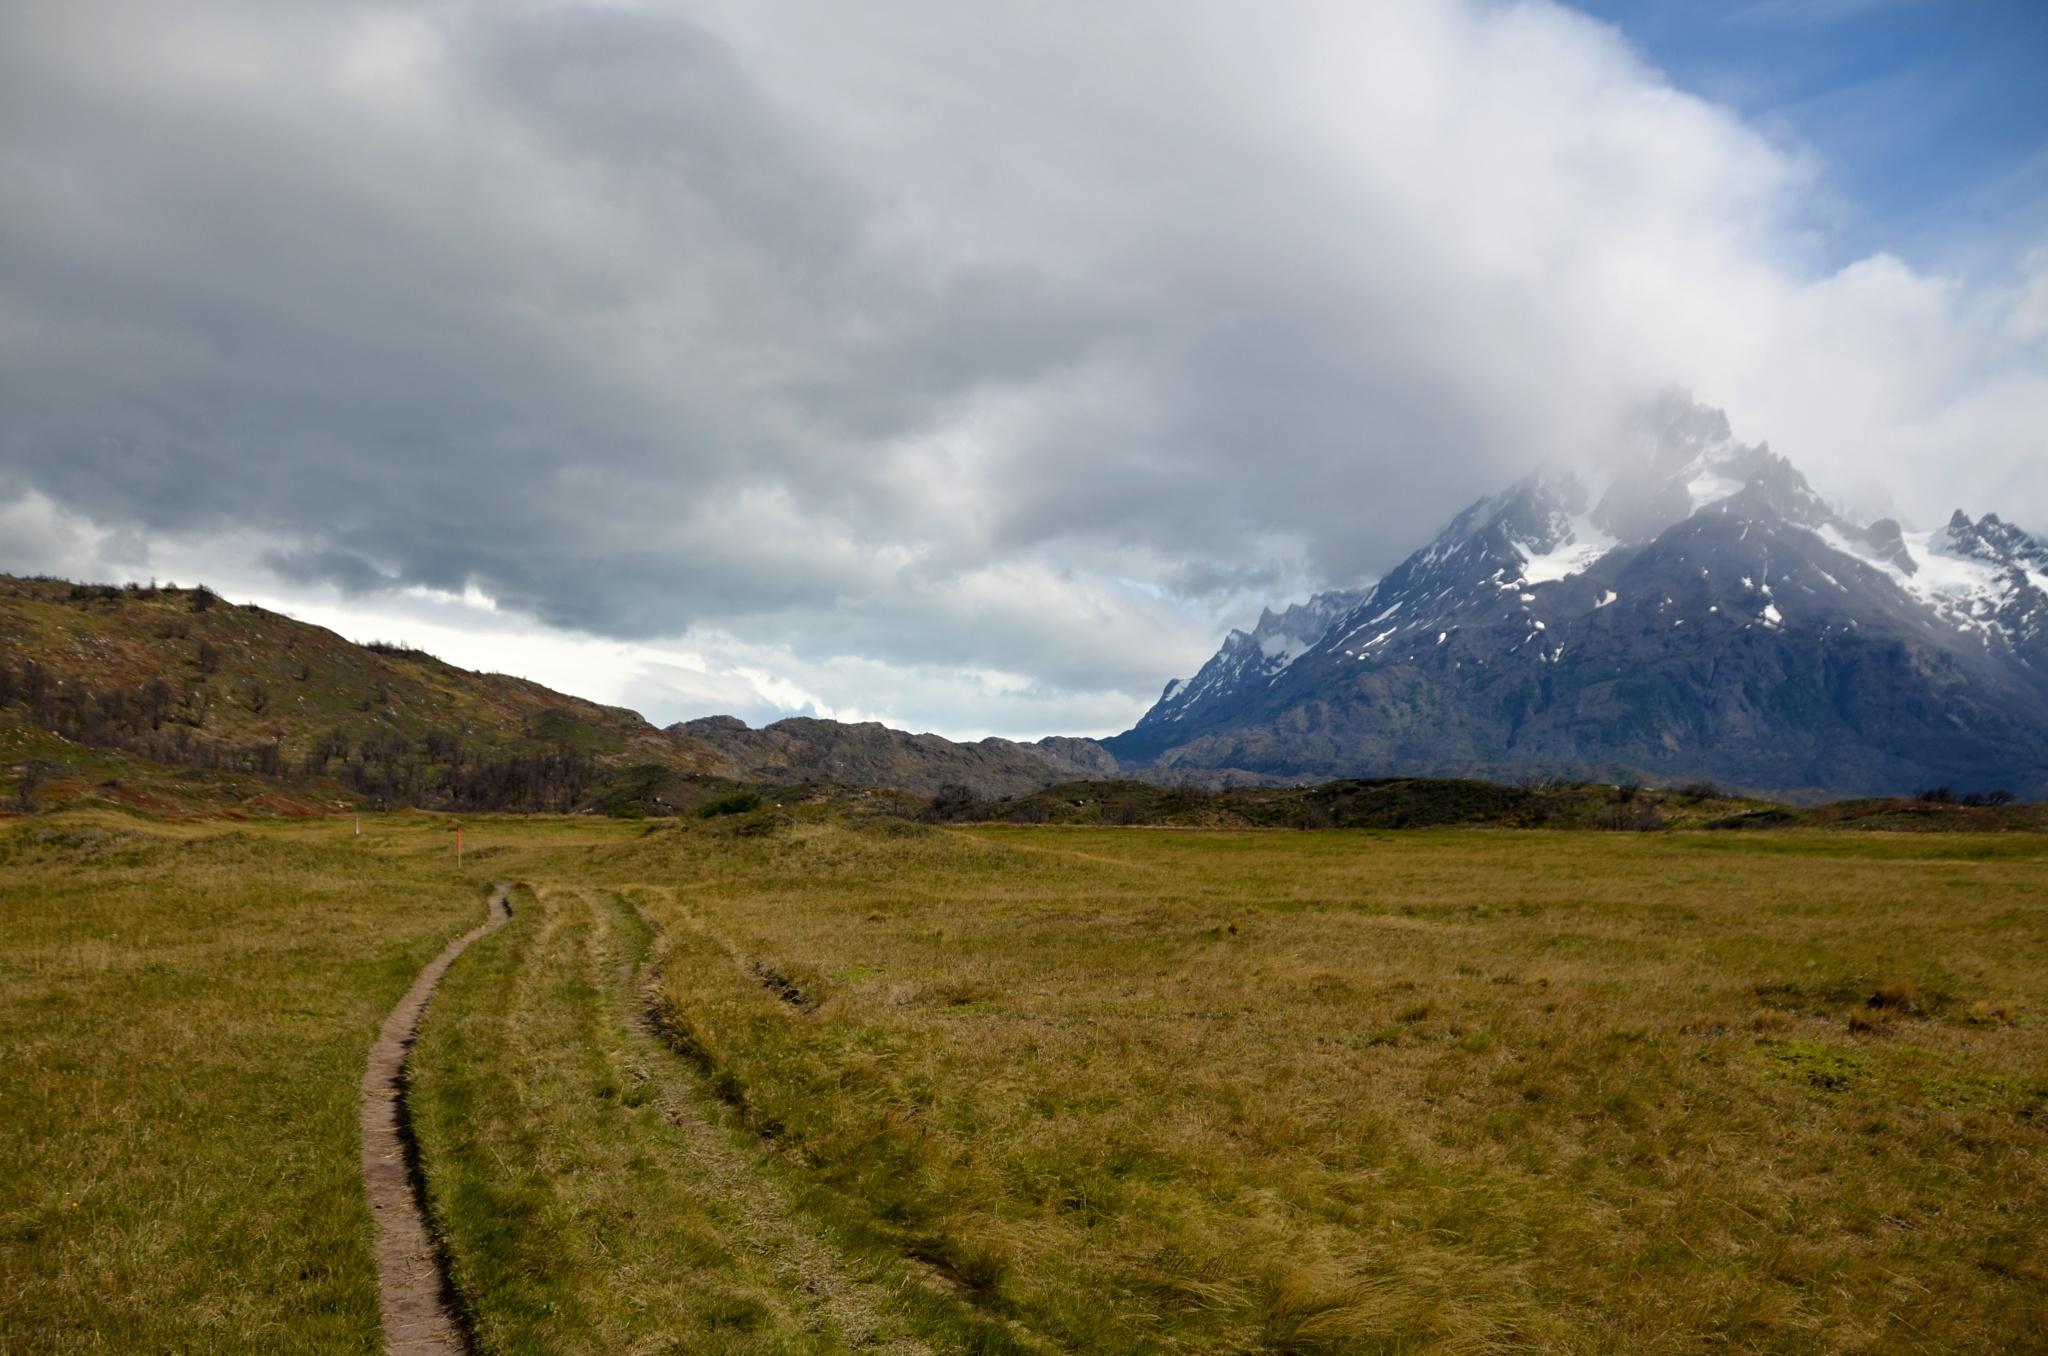 Jihoamerická pampa plná žluté trávy a silného větru. Počasí se horší...